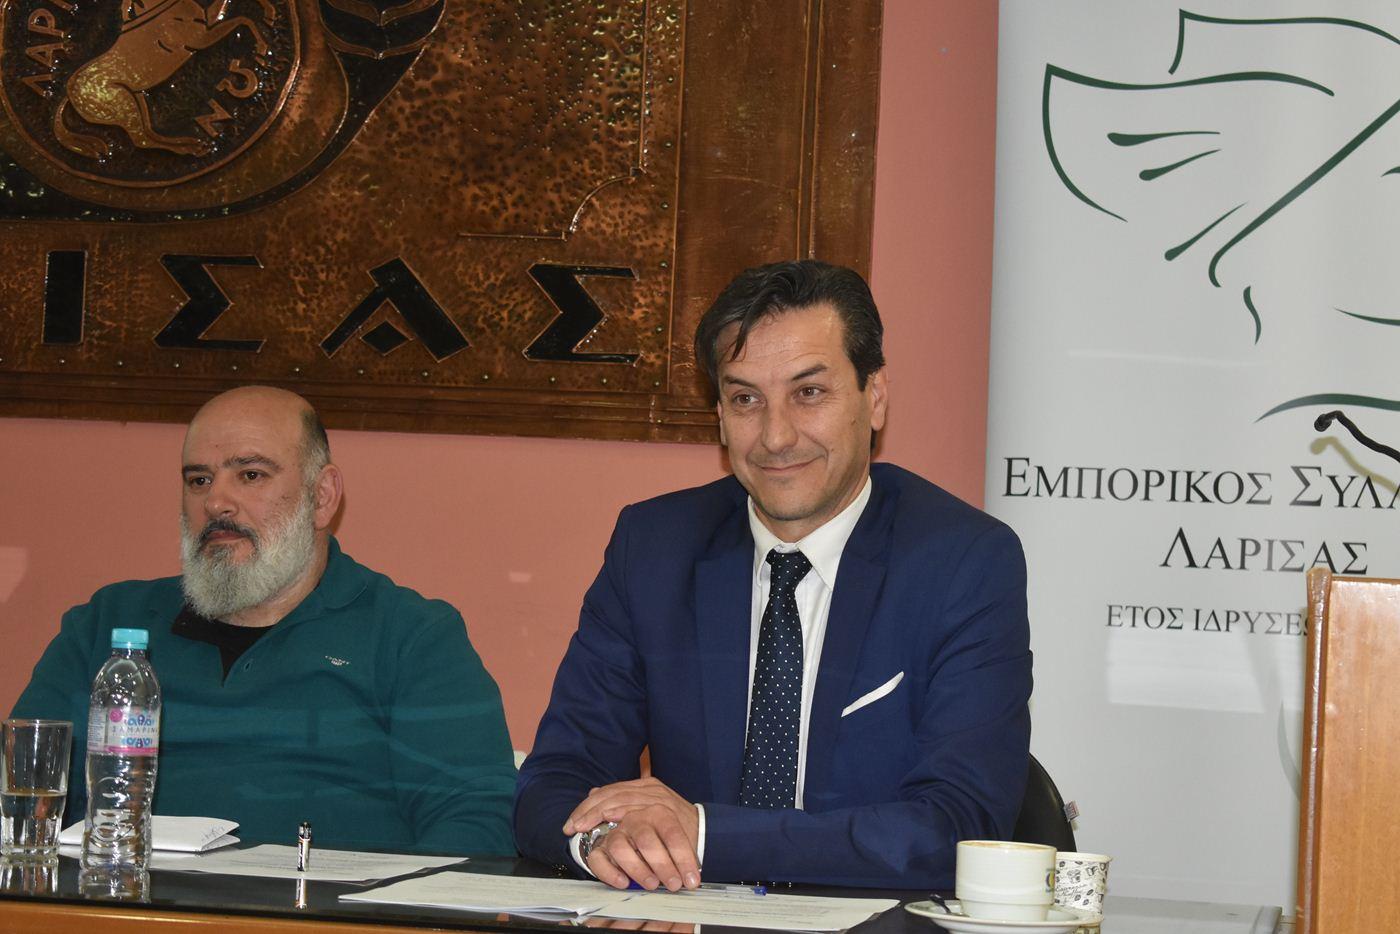 Χρονιά μείωσης του τζίρου των μικρών επιχειρήσεων το 2018 για τη Λάρισα σύμφωνα με τον Εμπορικό Σύλλογο (φωτο)